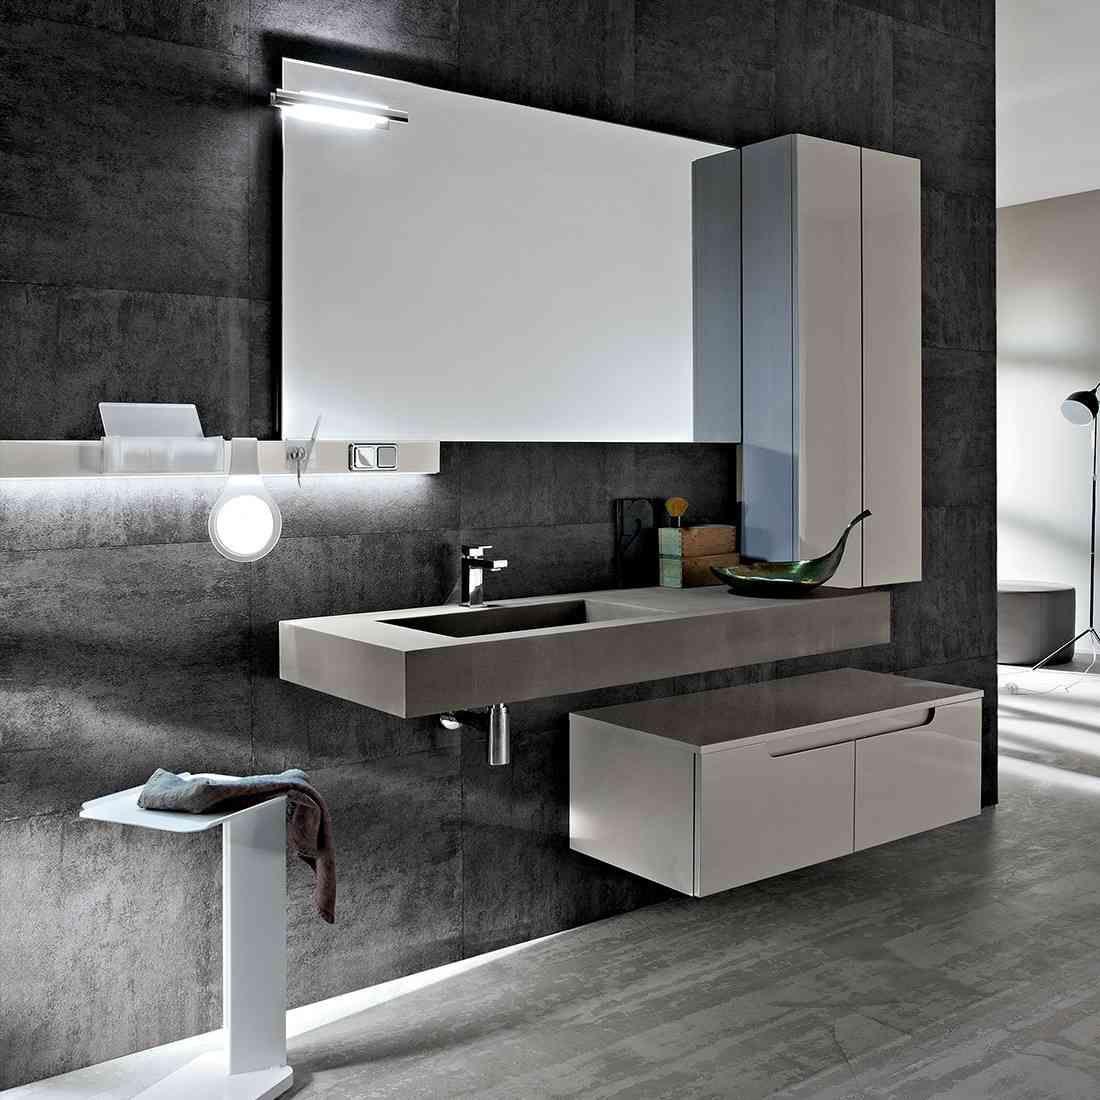 Bagno design ryo e collezione arredo cerasa bathrooms for Bagno arredo design